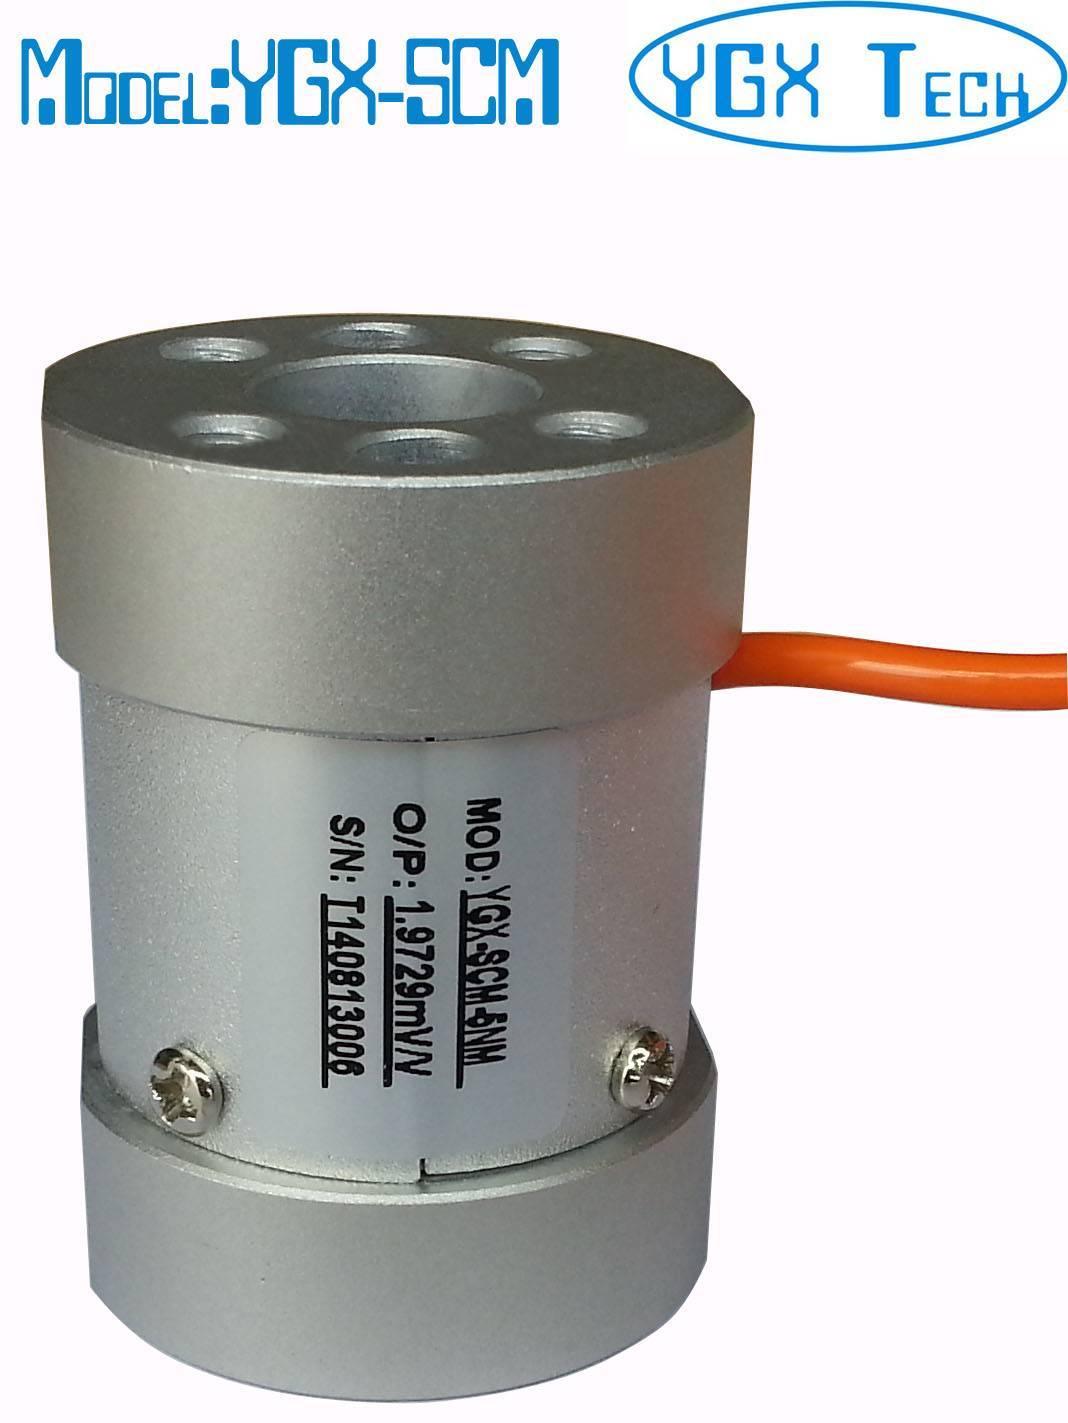 Torque Sensor Torque Transducer Torque Cells and Force Transducers Force Torque Sensor